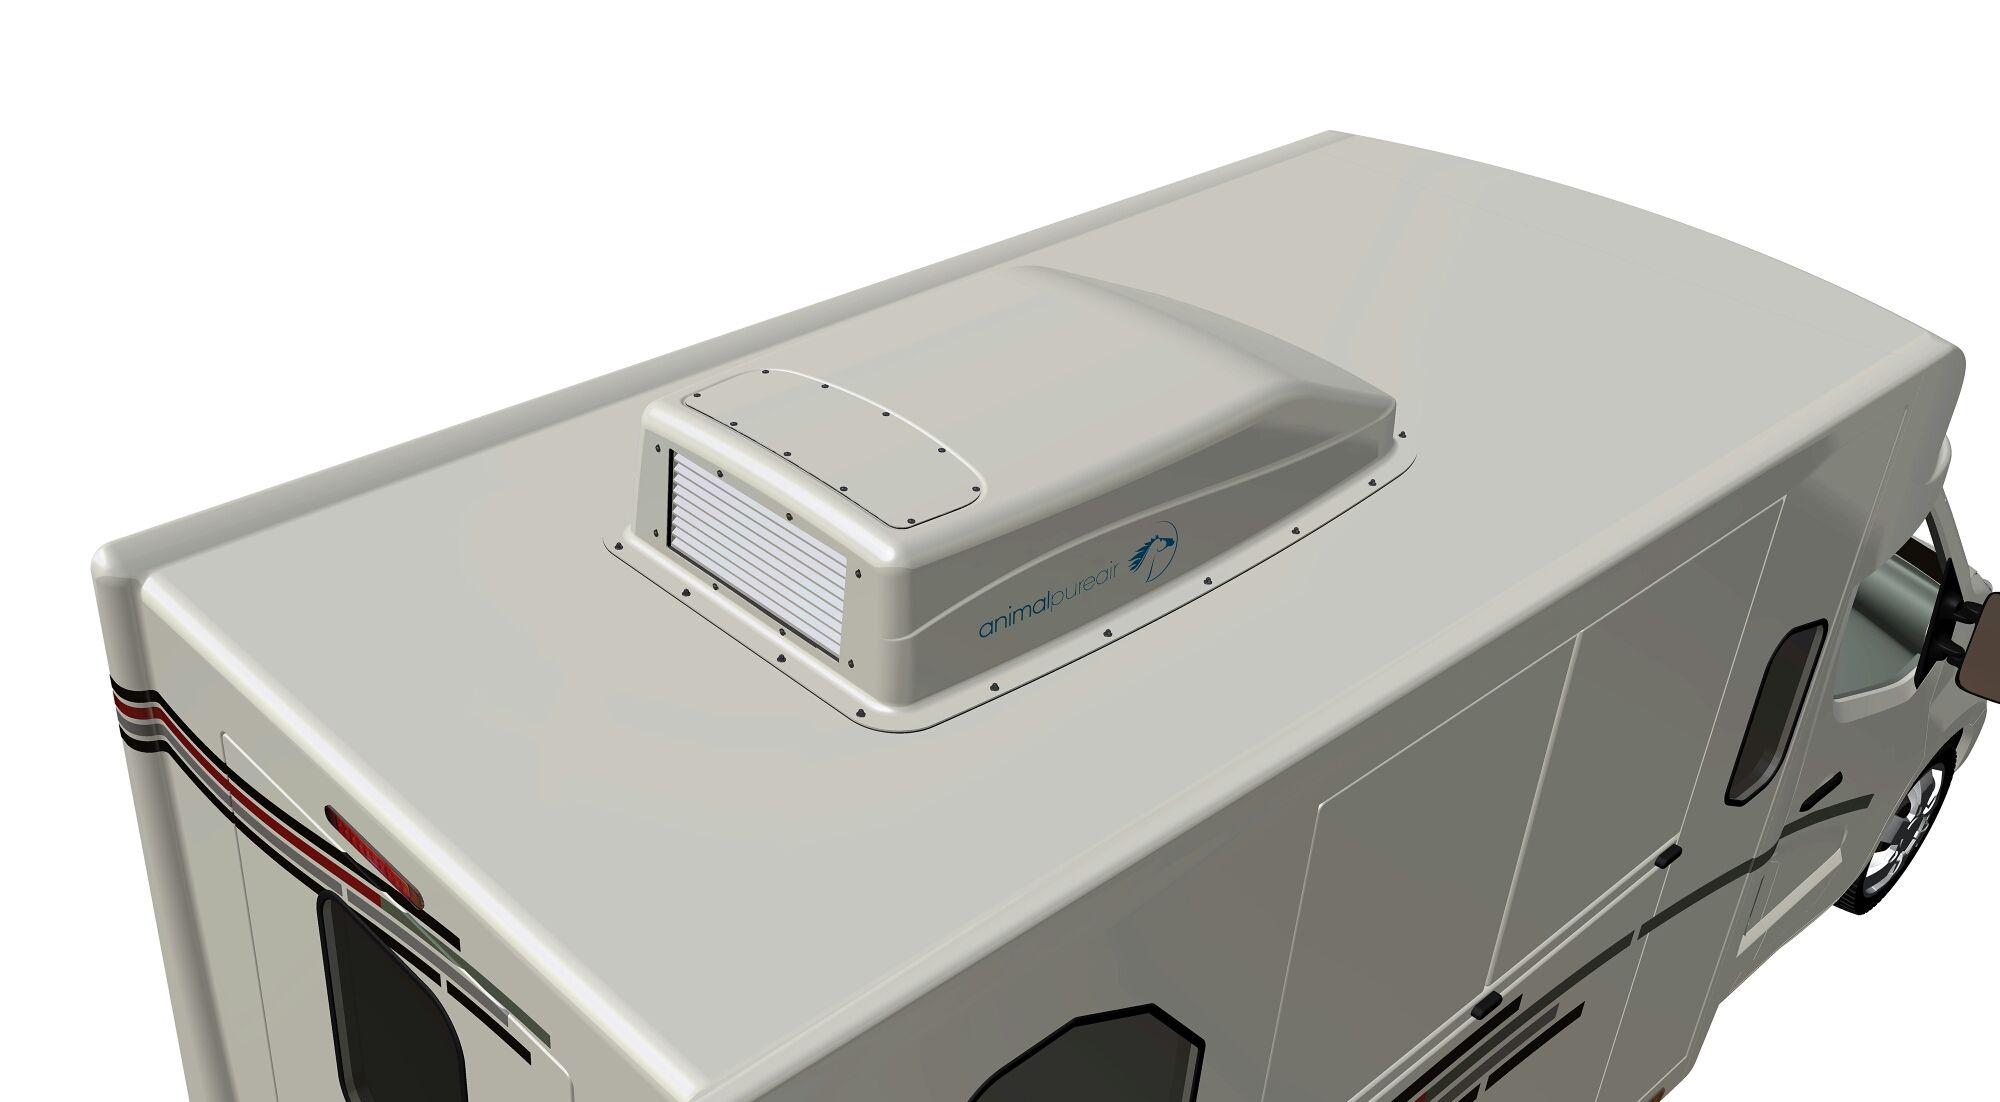 CETEMET desarrolla para 'Animalpureair' un nuevo sistema que suministra aire purificado al interior de vehículos de transporte